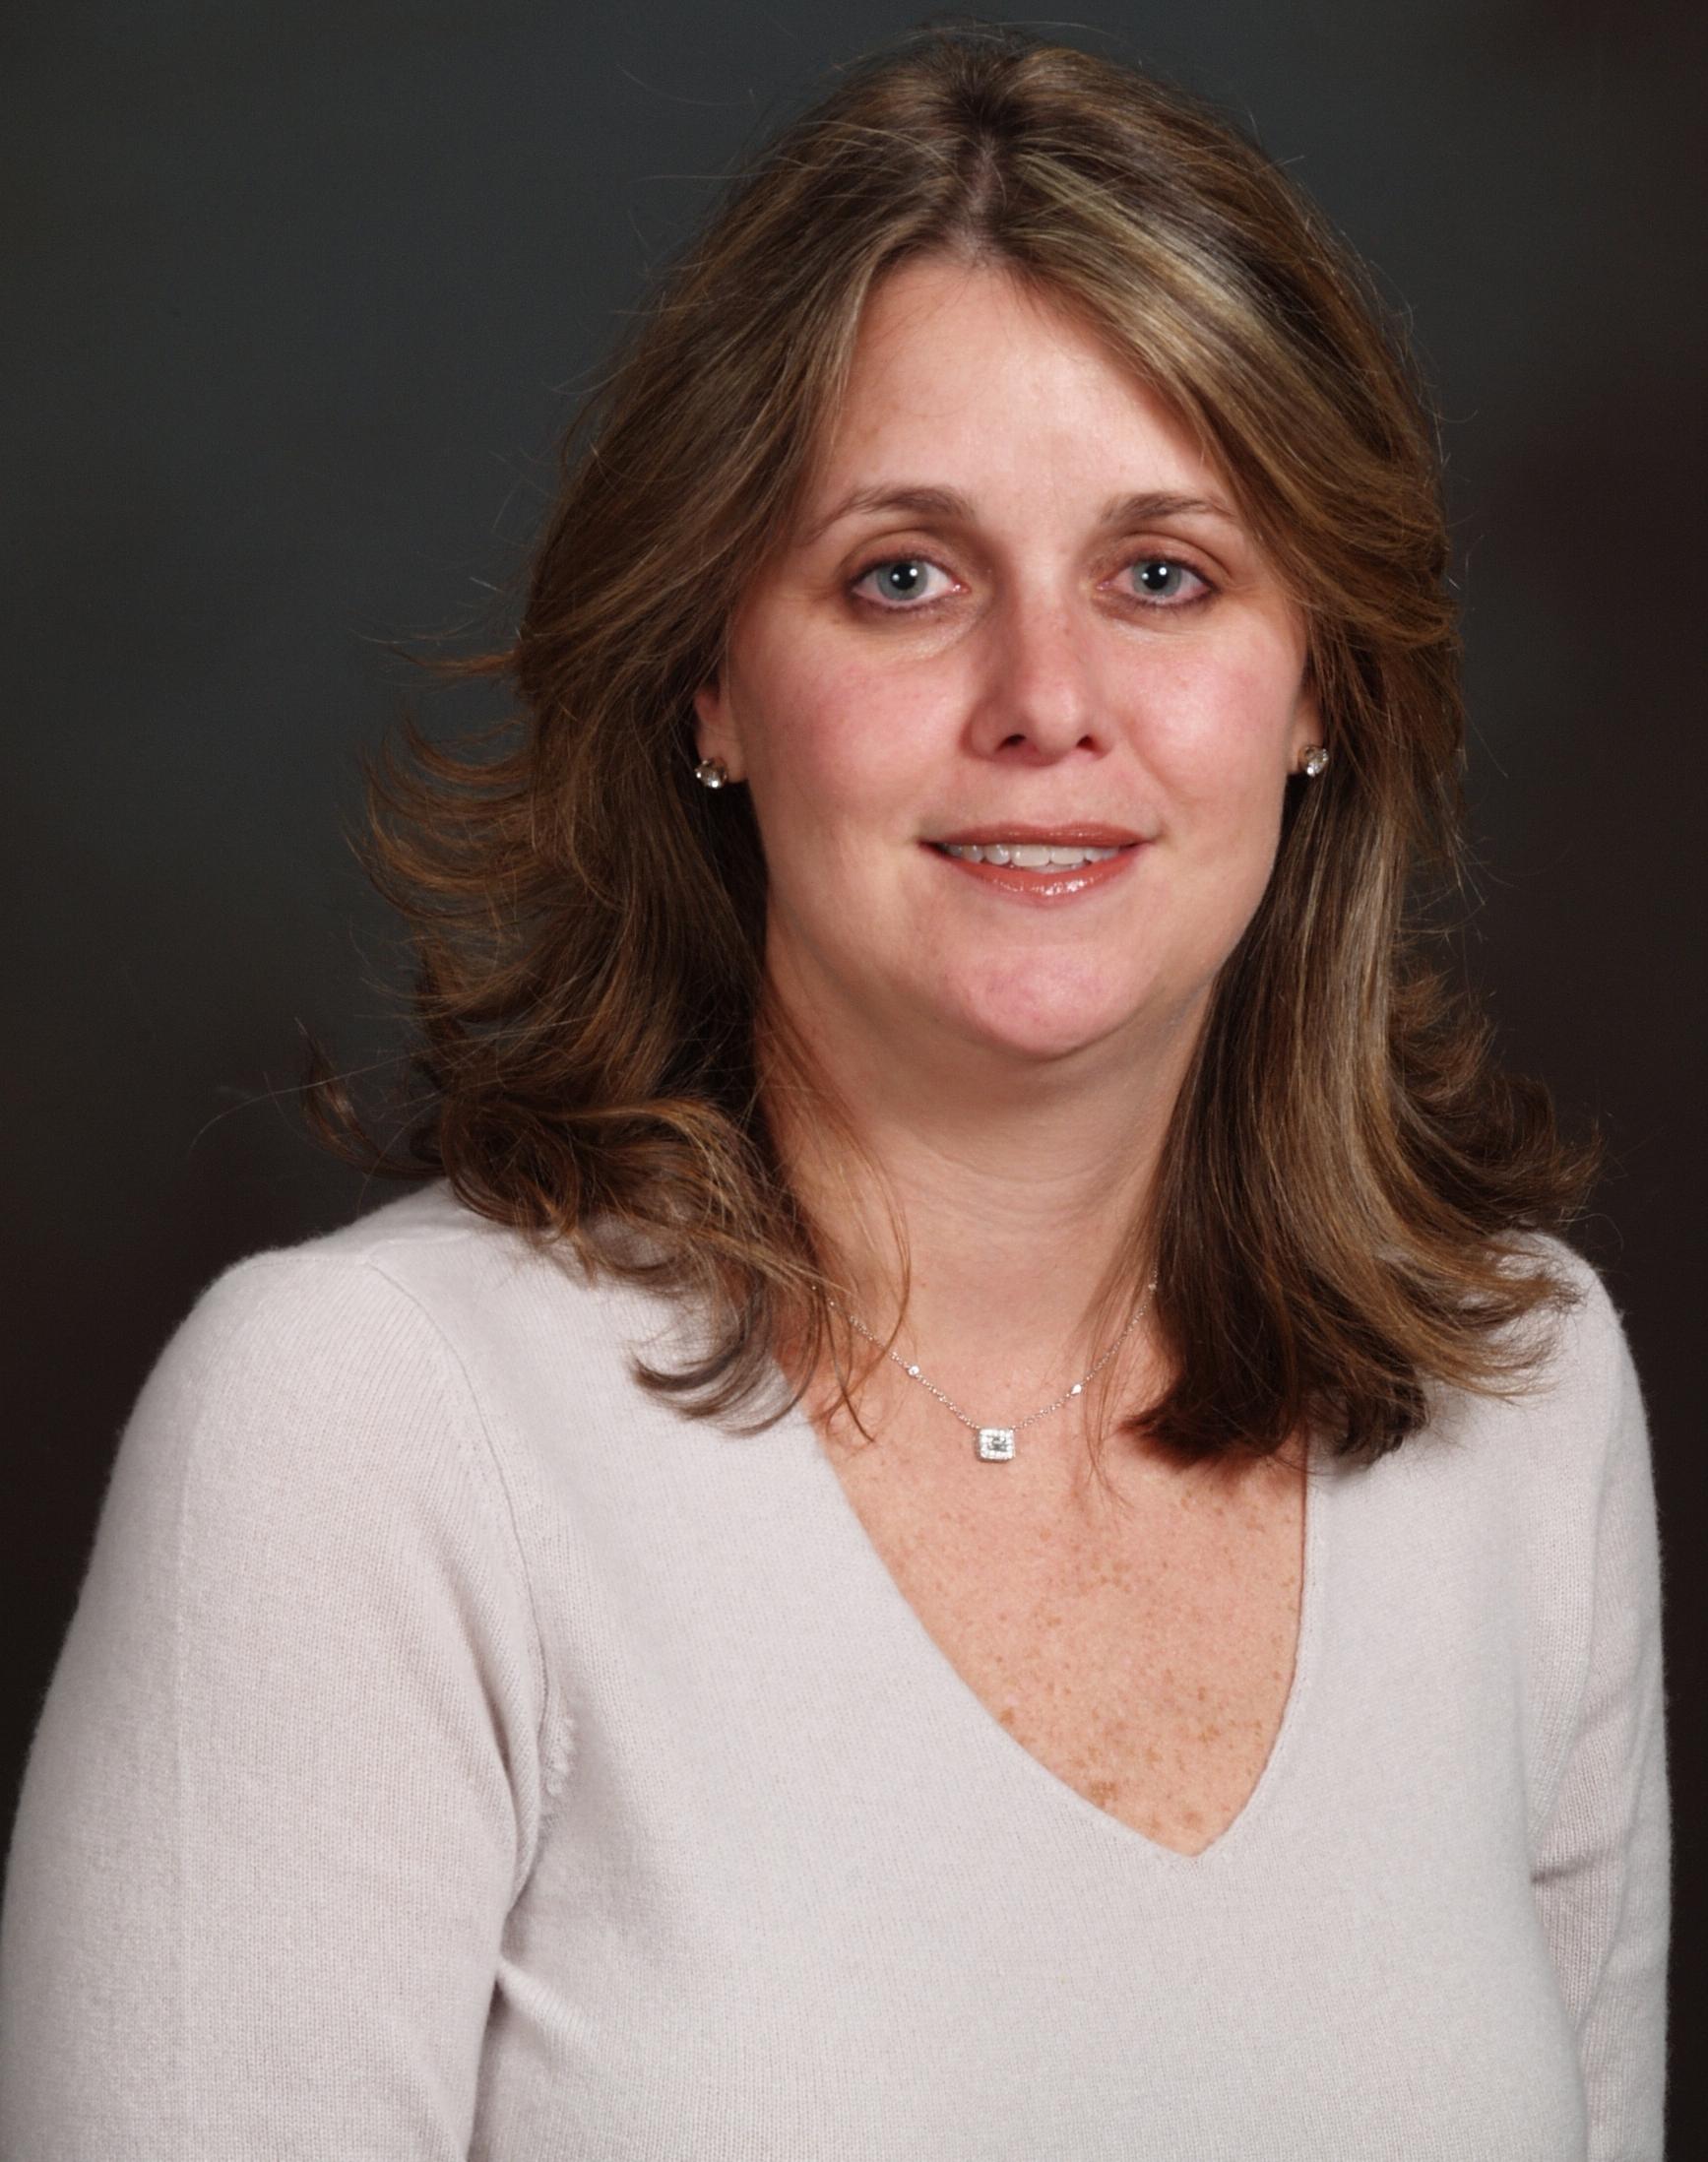 Nikki Berger